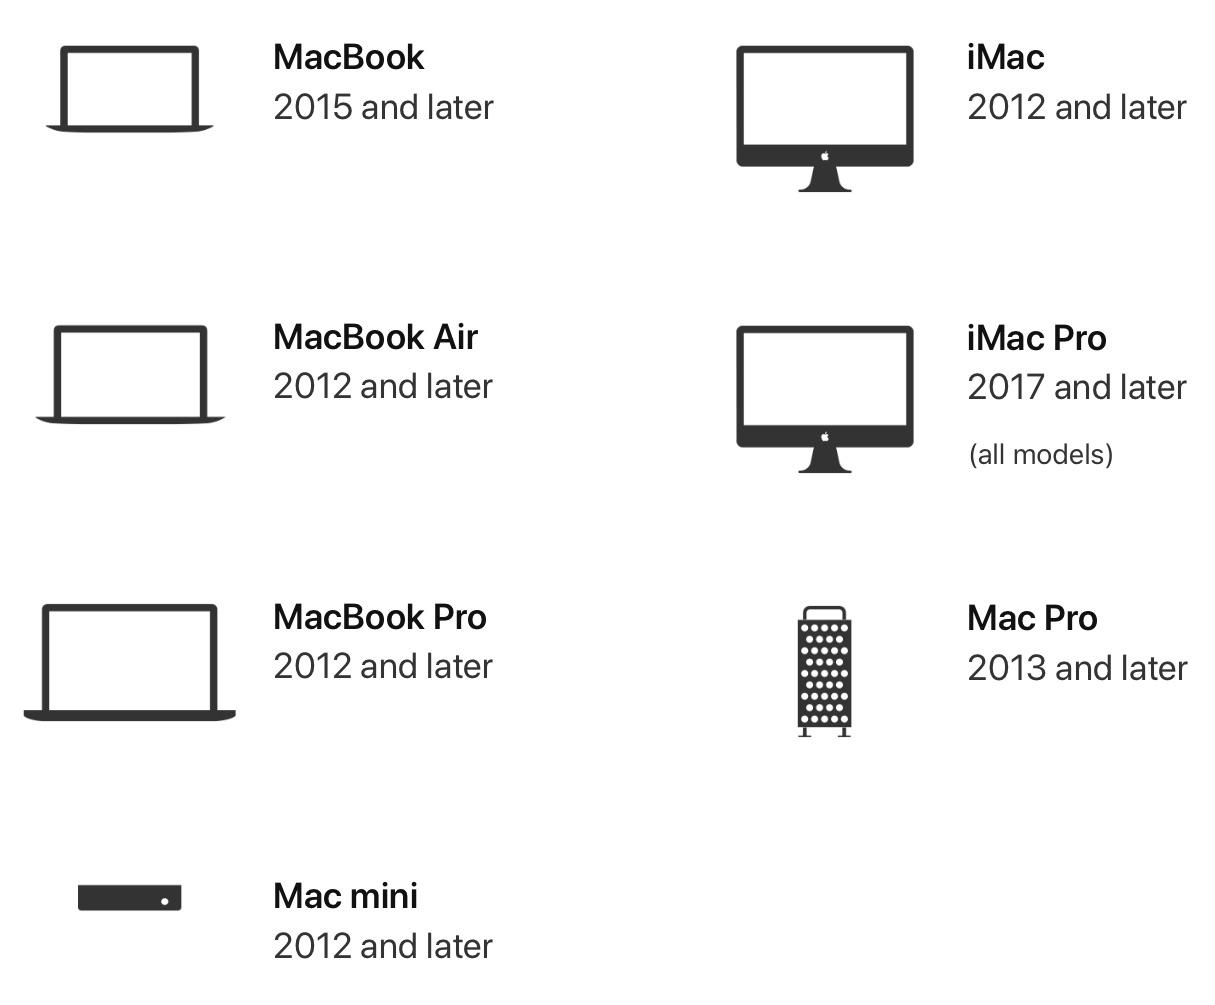 Lista de Macs compatibles con Catalina de MacOS